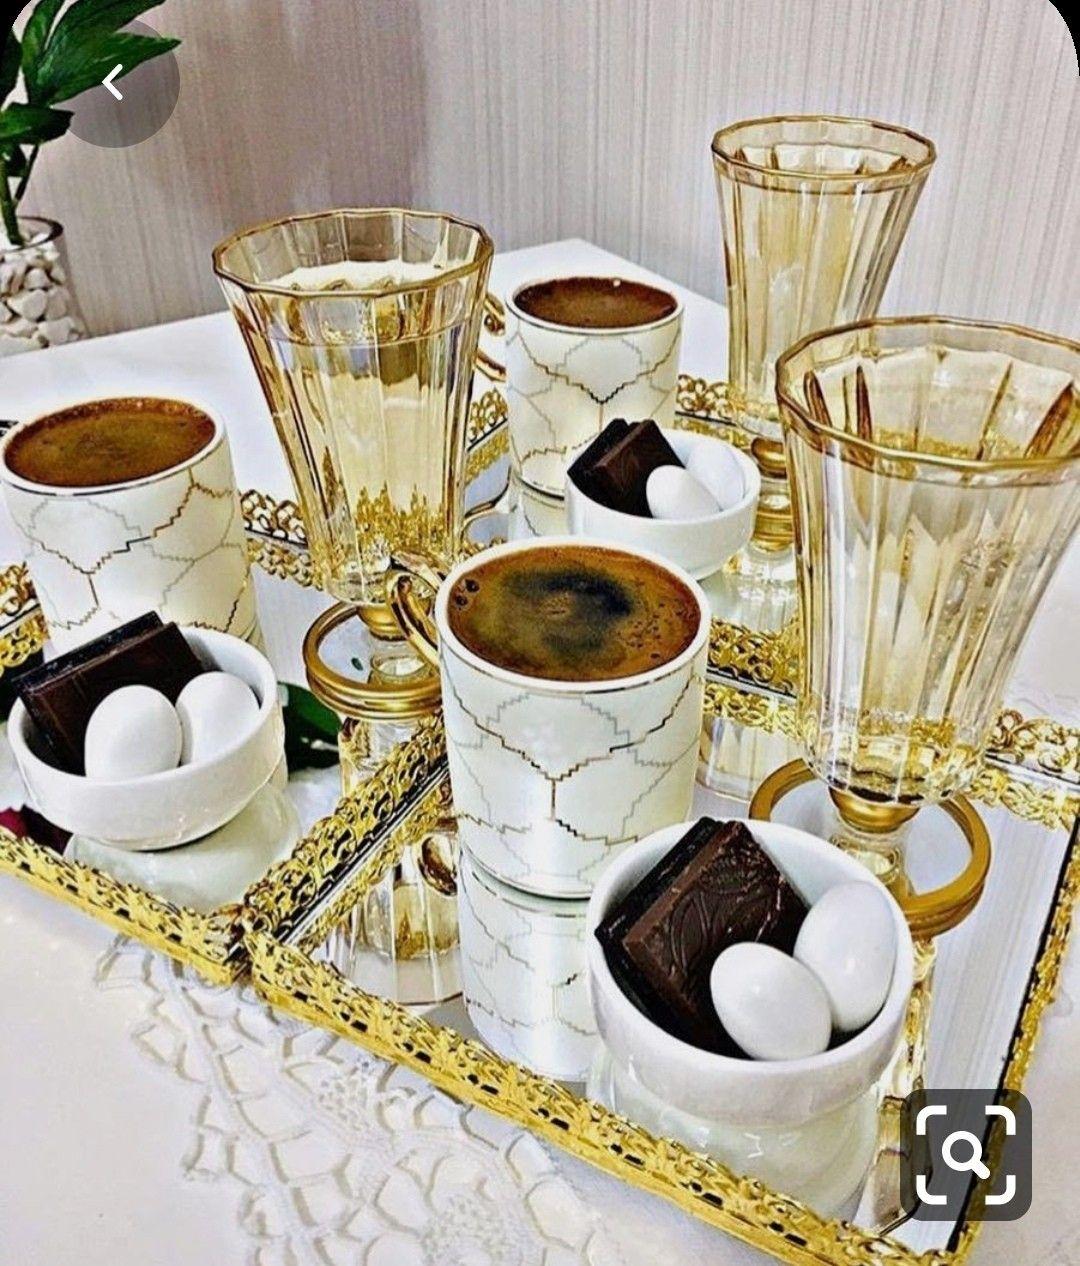 Khawla Kareem adlı kullanıcının kahve saati☕ panosundaki